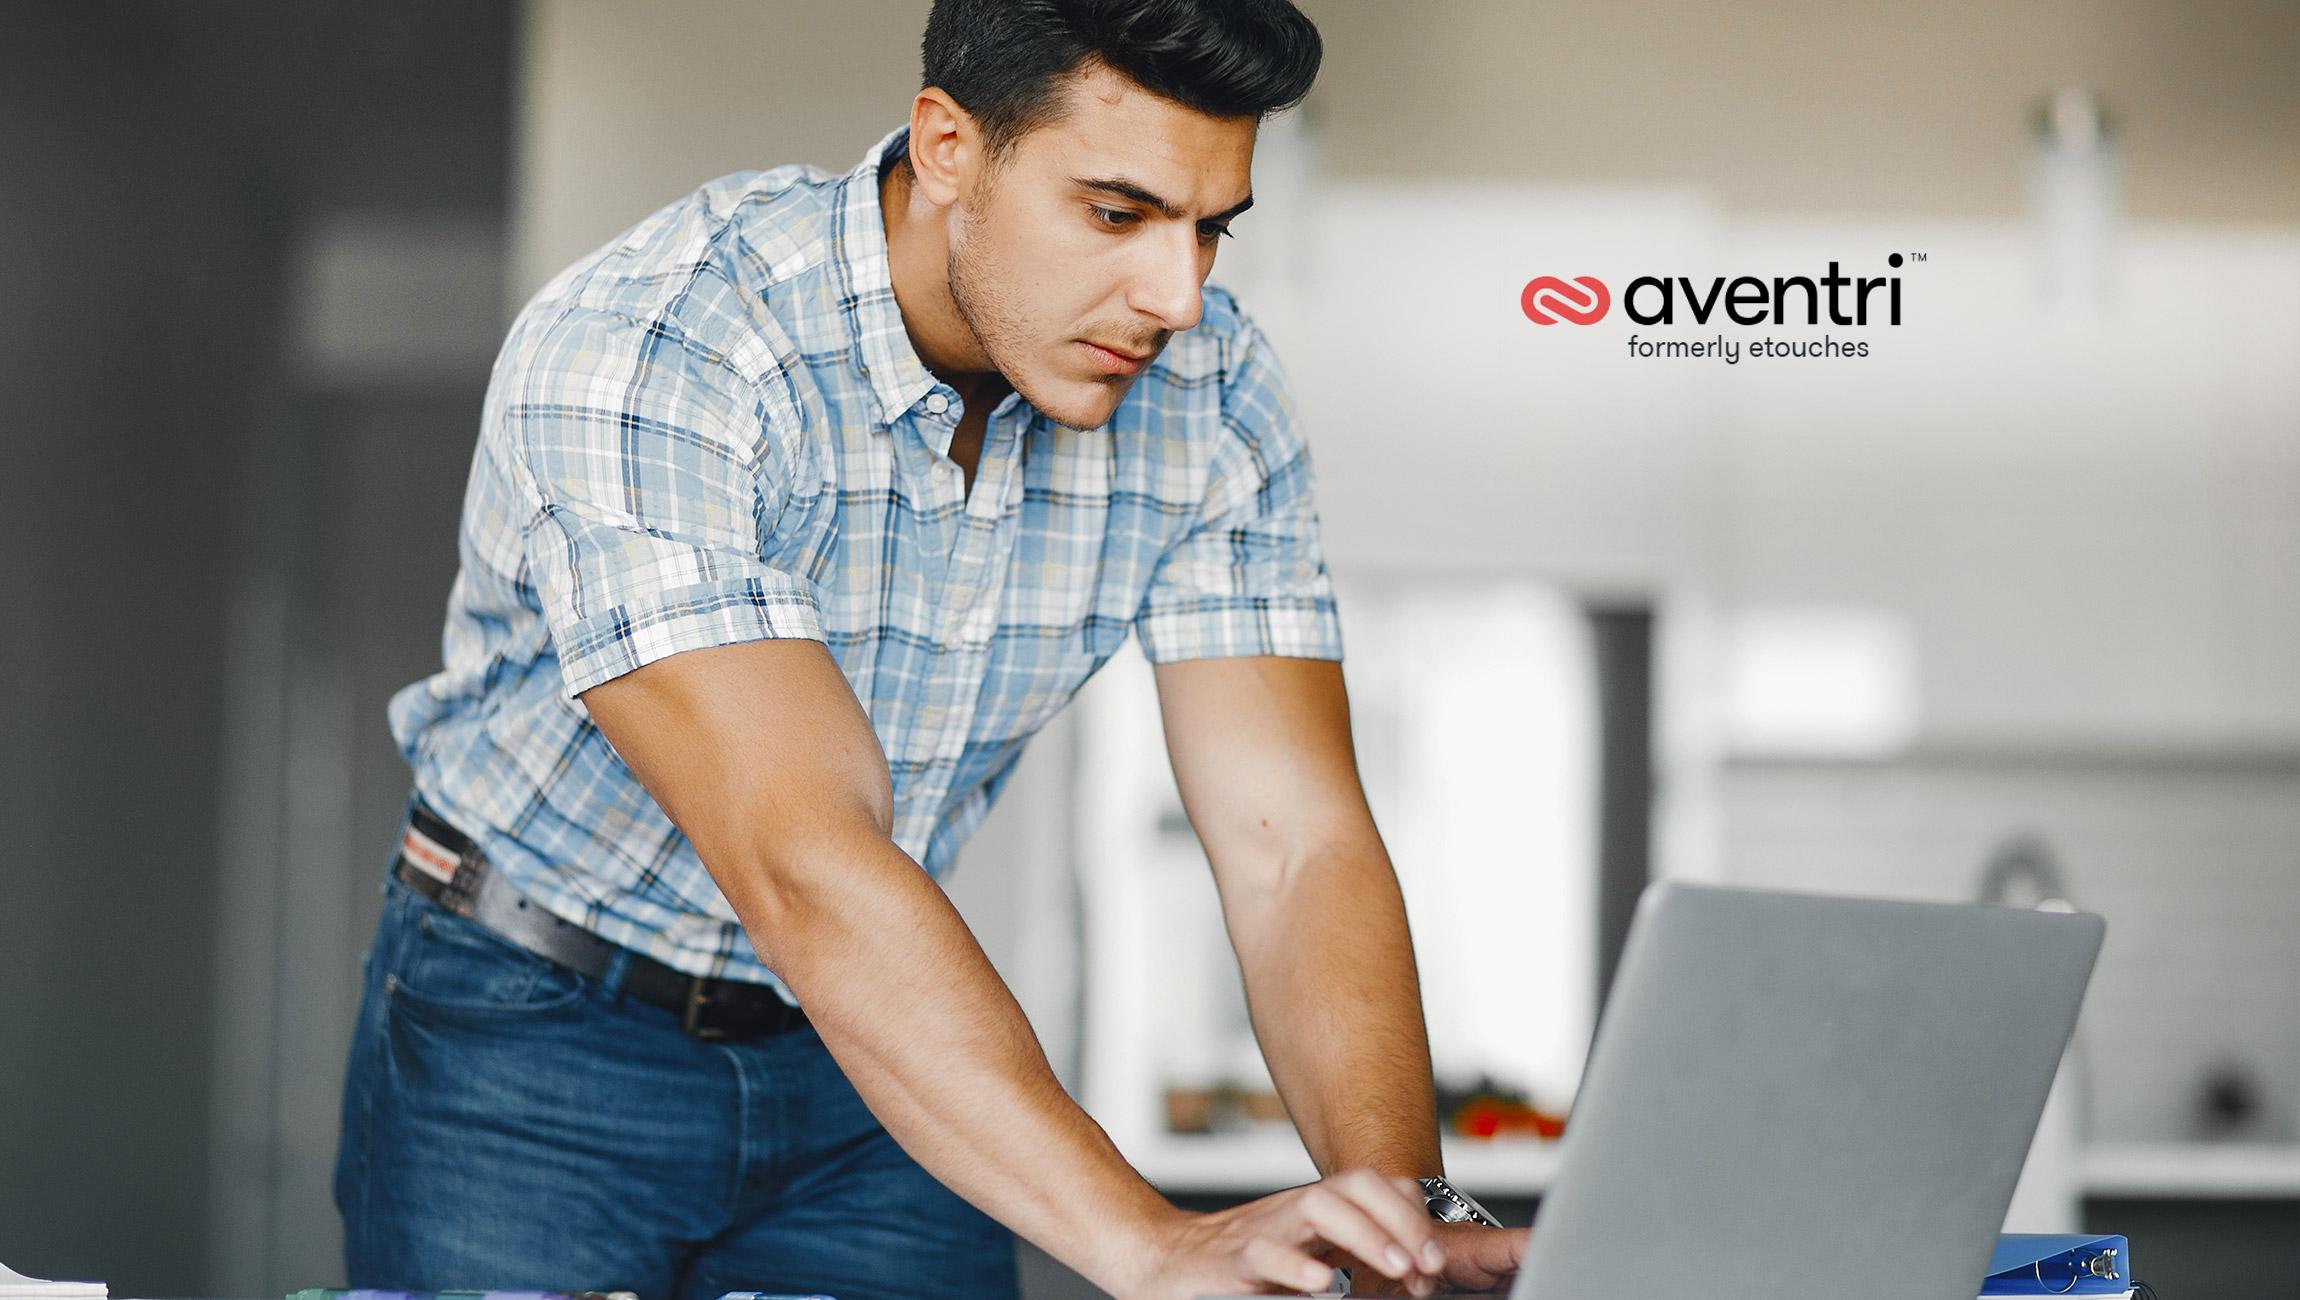 Aventri Unveils Next-Generation SMM Solution